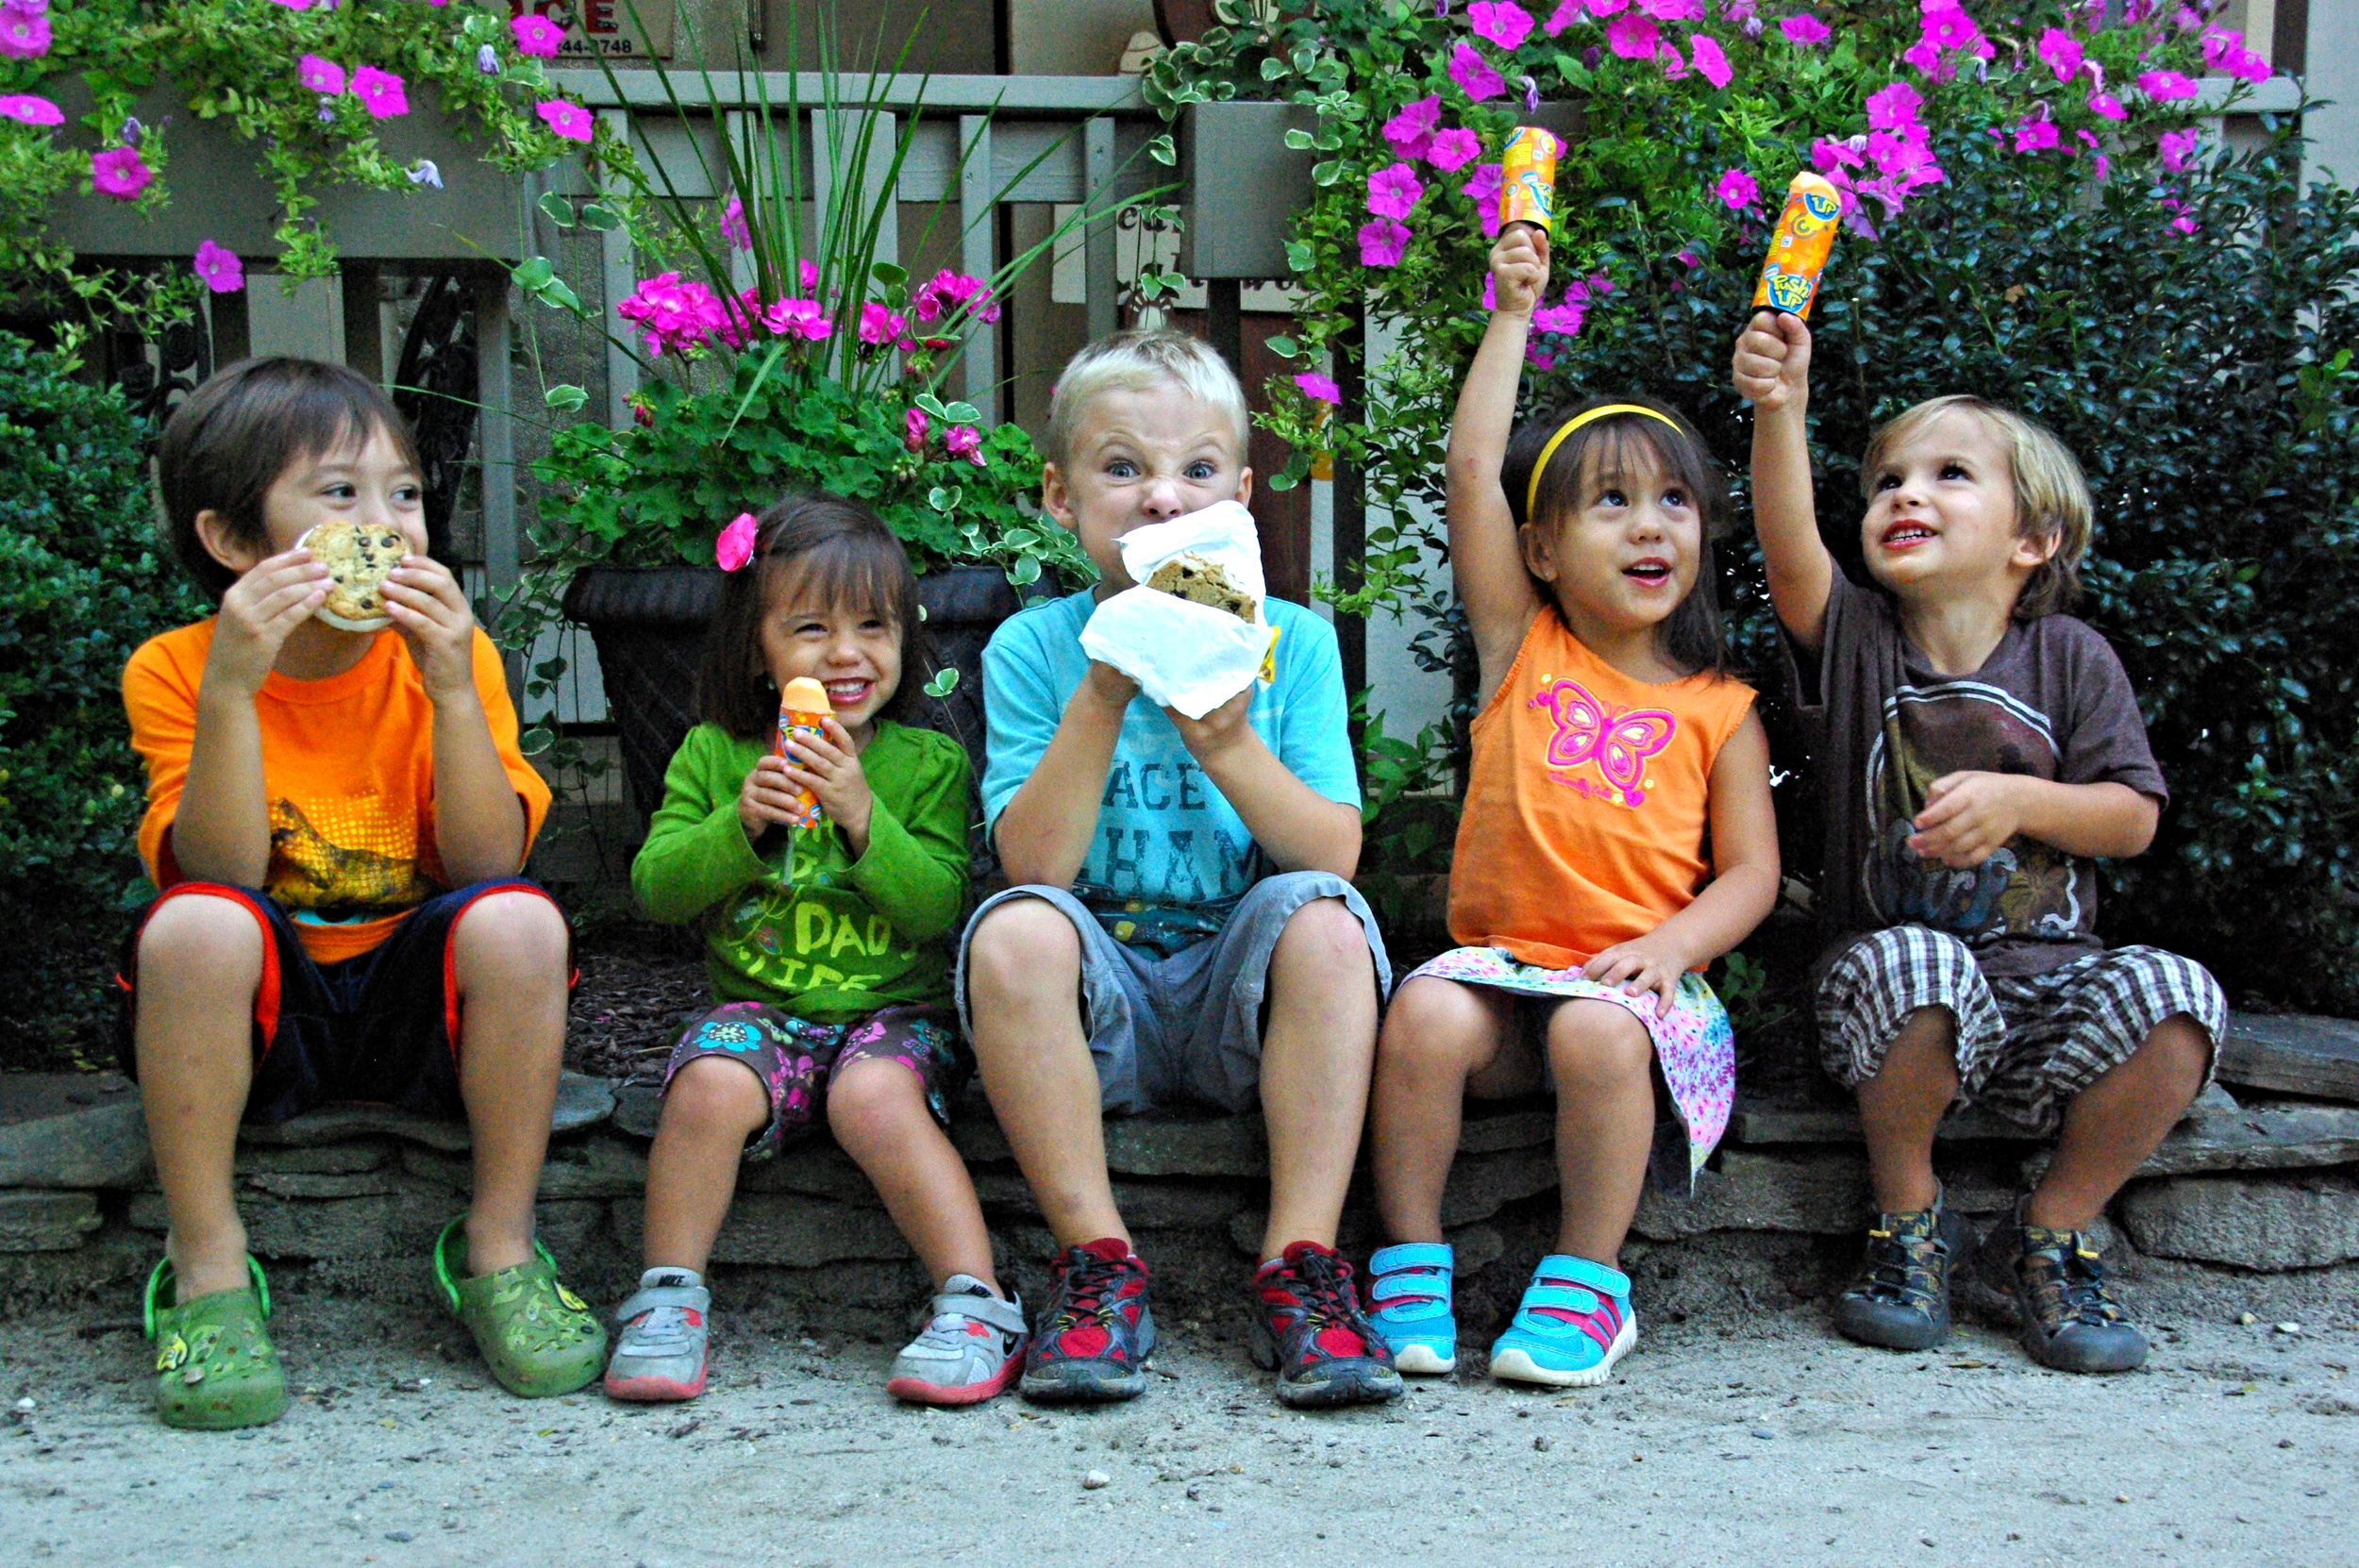 Ice cream fun!